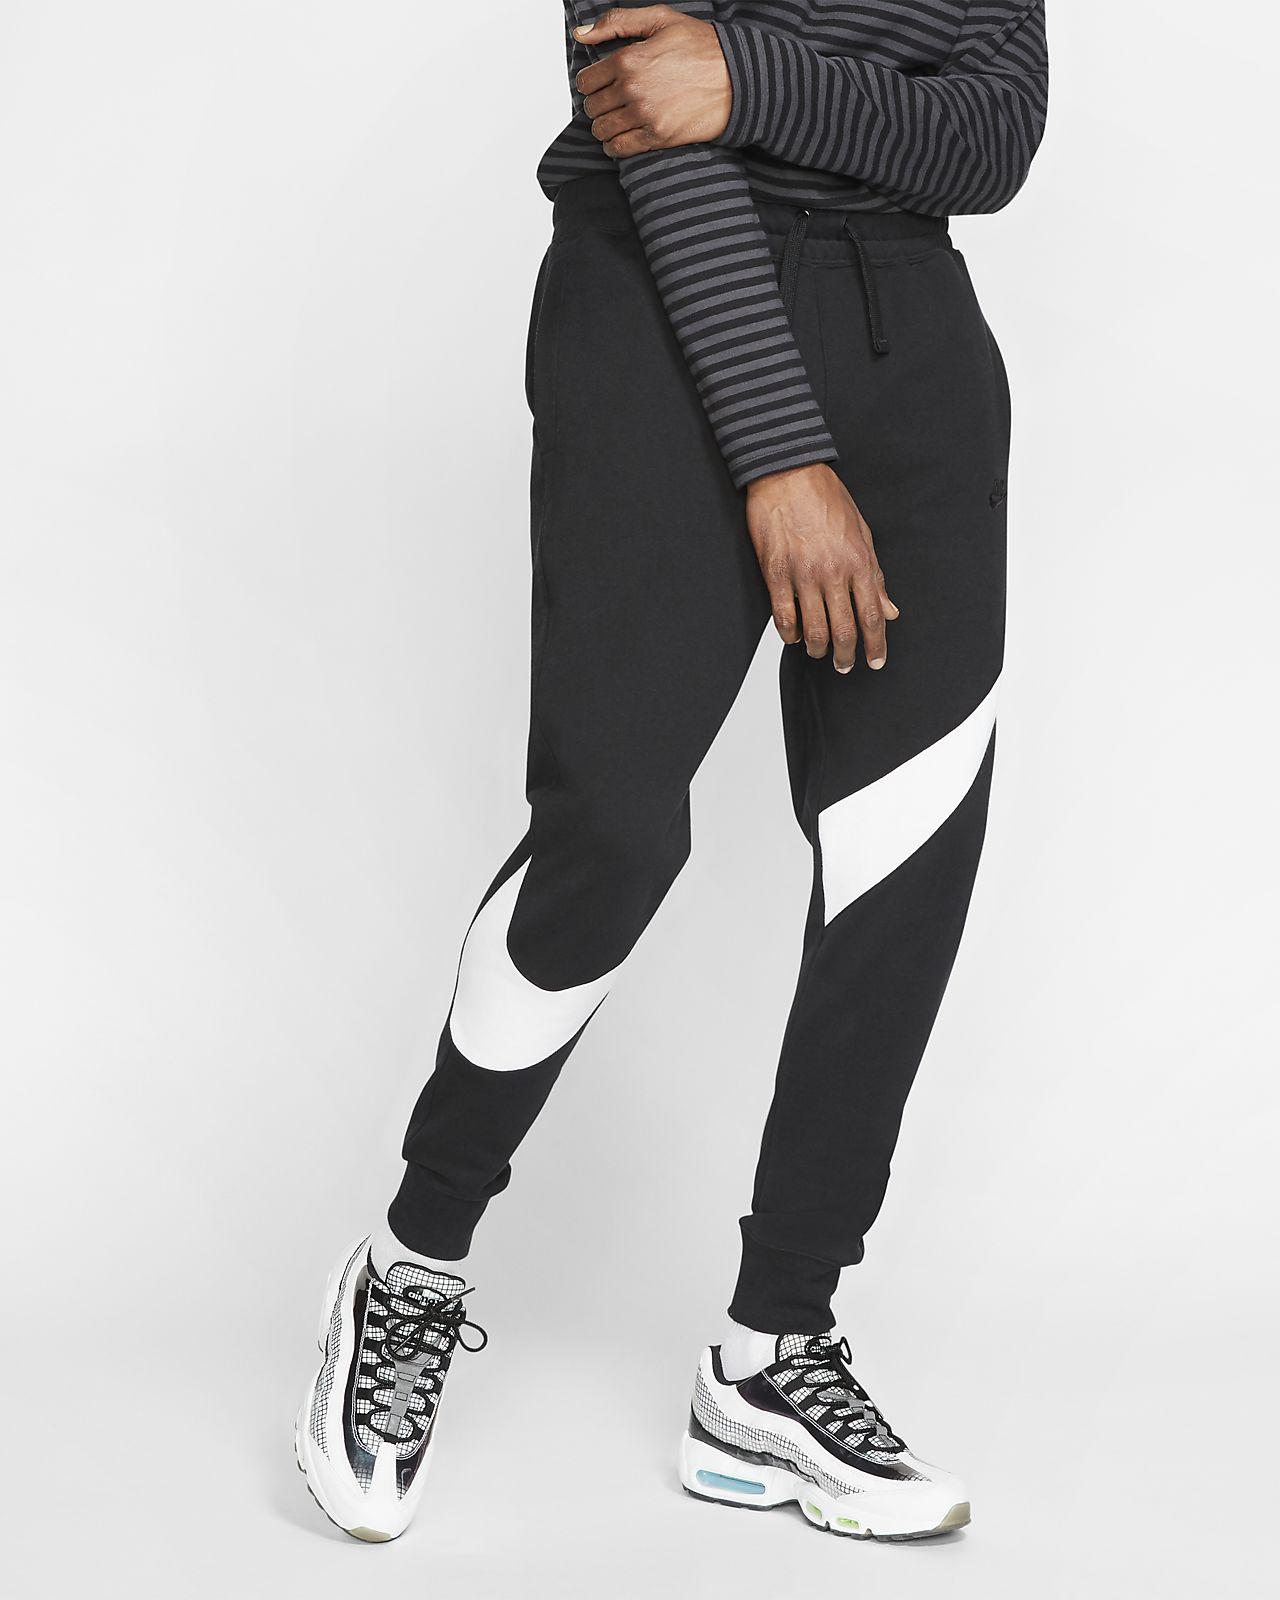 En Pantalon En Molleton Nike Nike Molleton Pantalon Sportswear zMGpSLUVjq